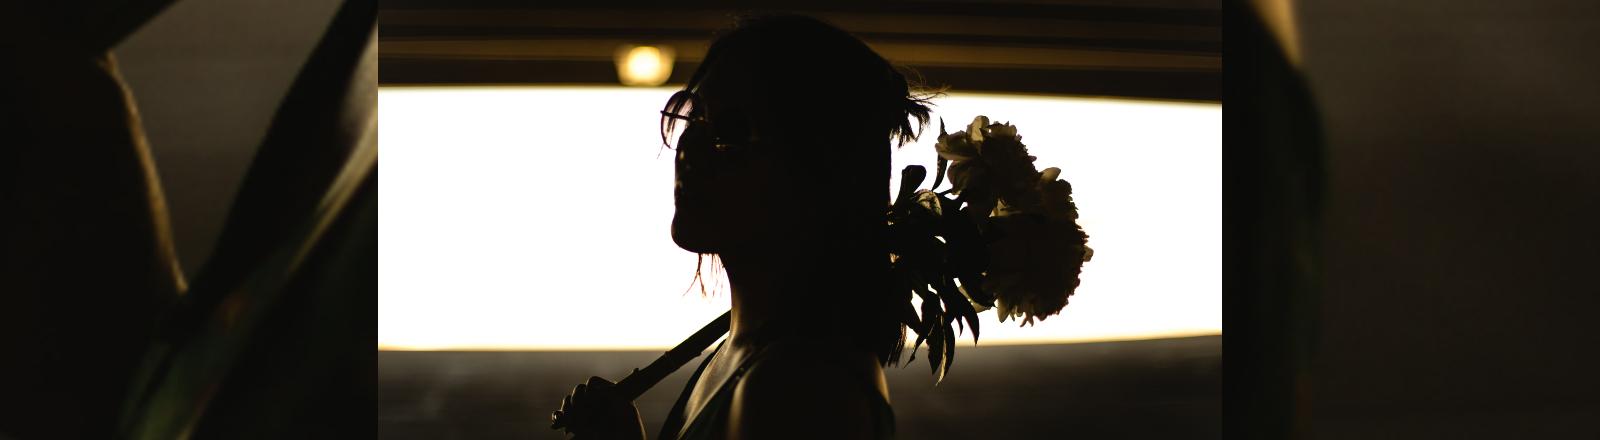 Frau mit Blumenstrauß über der Schulter.